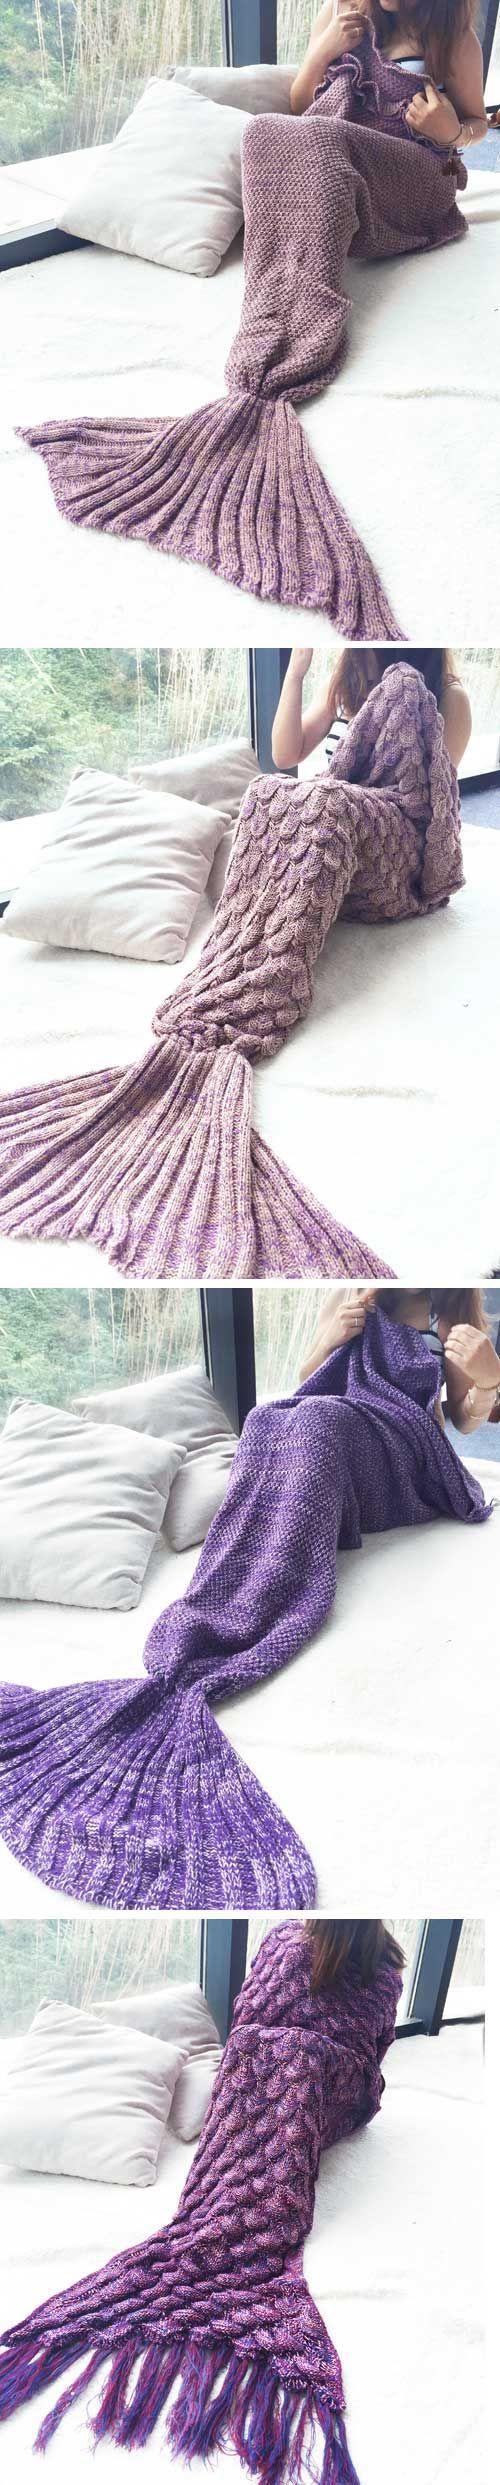 Crochet Mermaid Blanket Tutorial Youtube Video DIY | Stricken ...